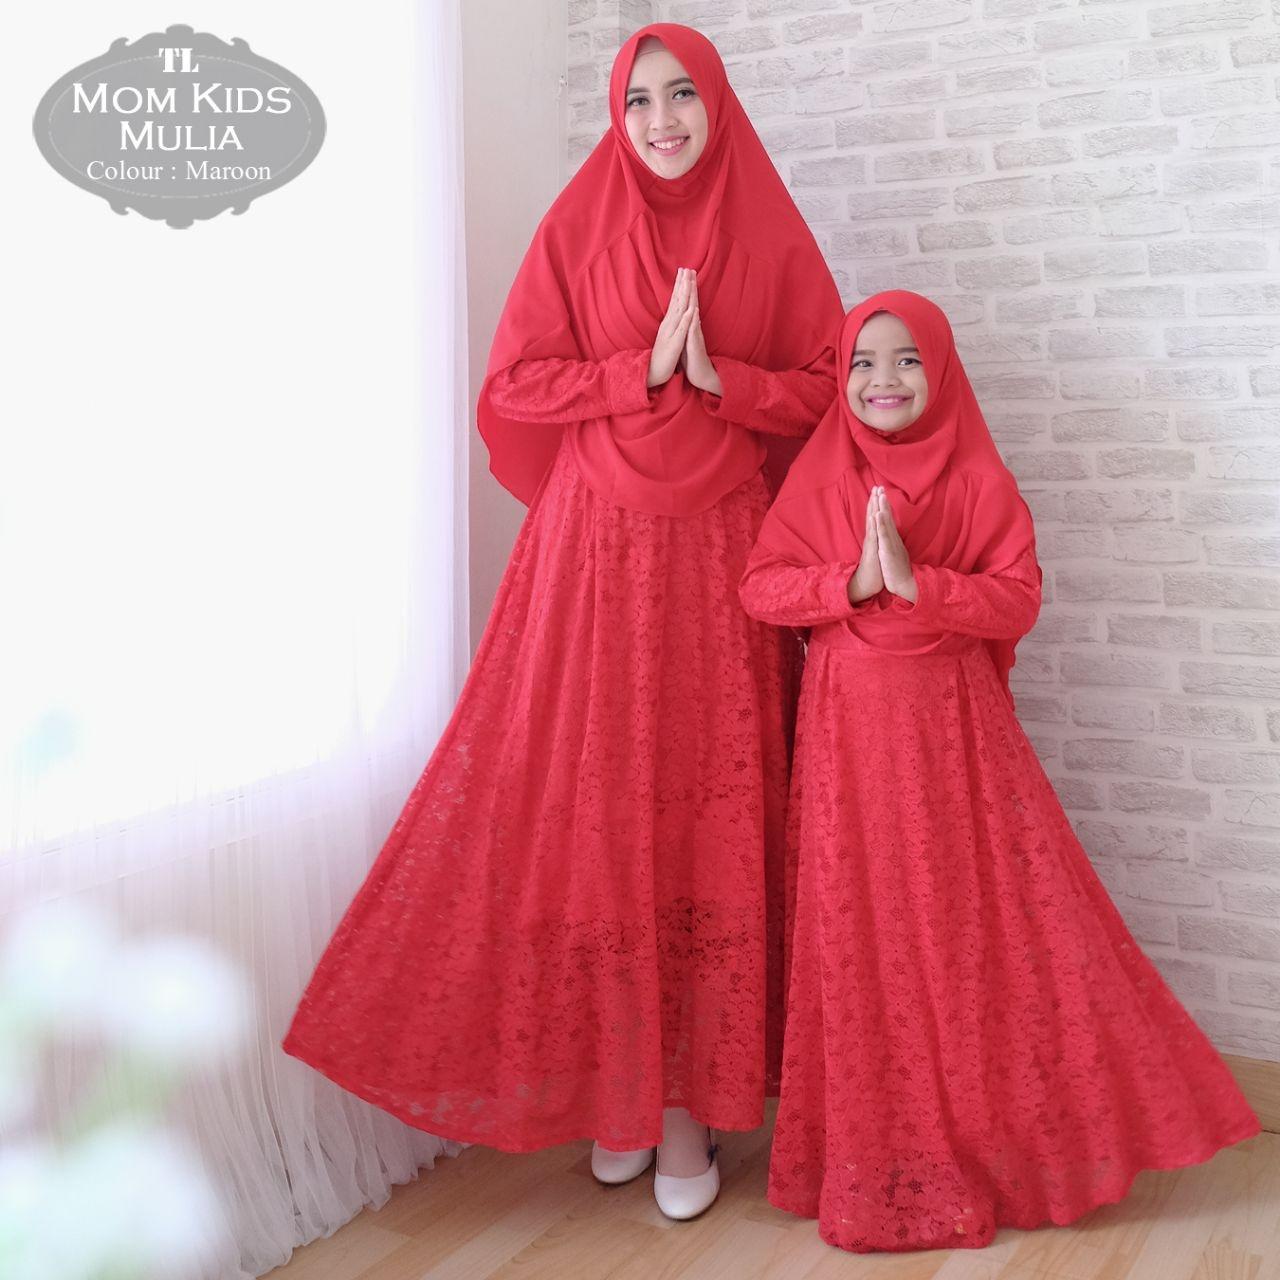 silentriver88 gamis muslim syari brukat mulia ibu dan anak couple.